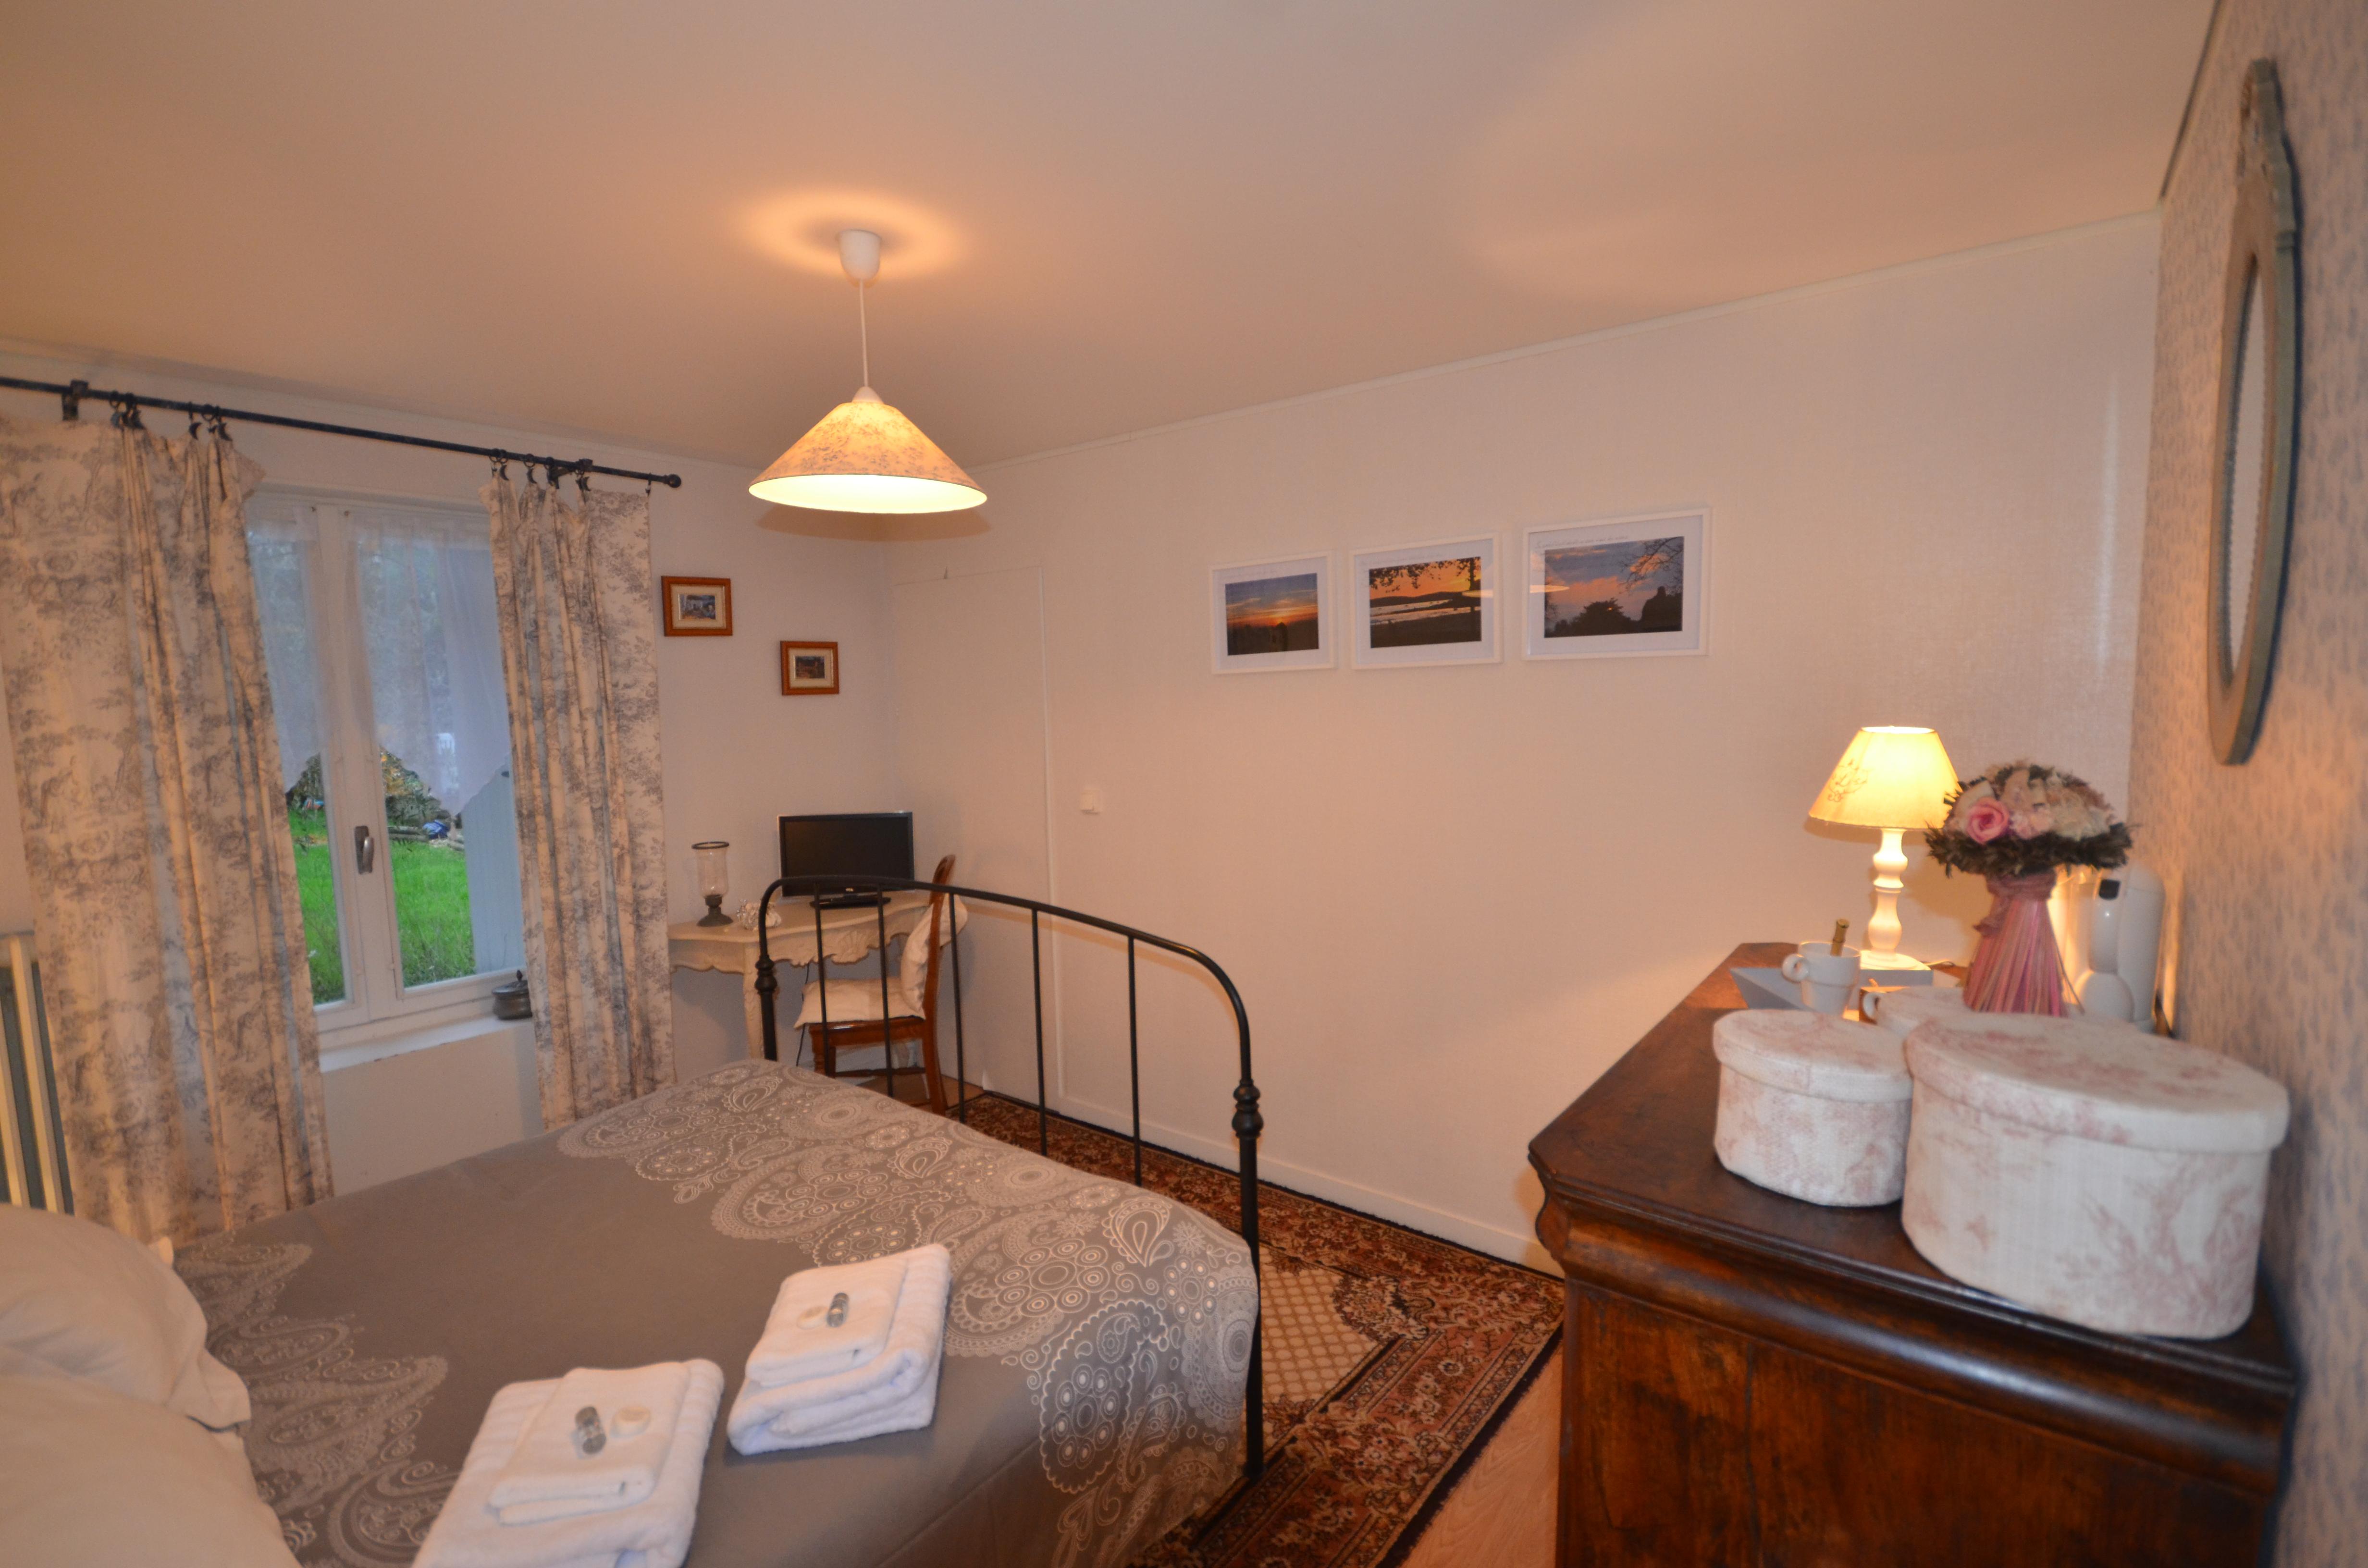 Résevation chambre d h´tes proche du Puy du fou larbredalais